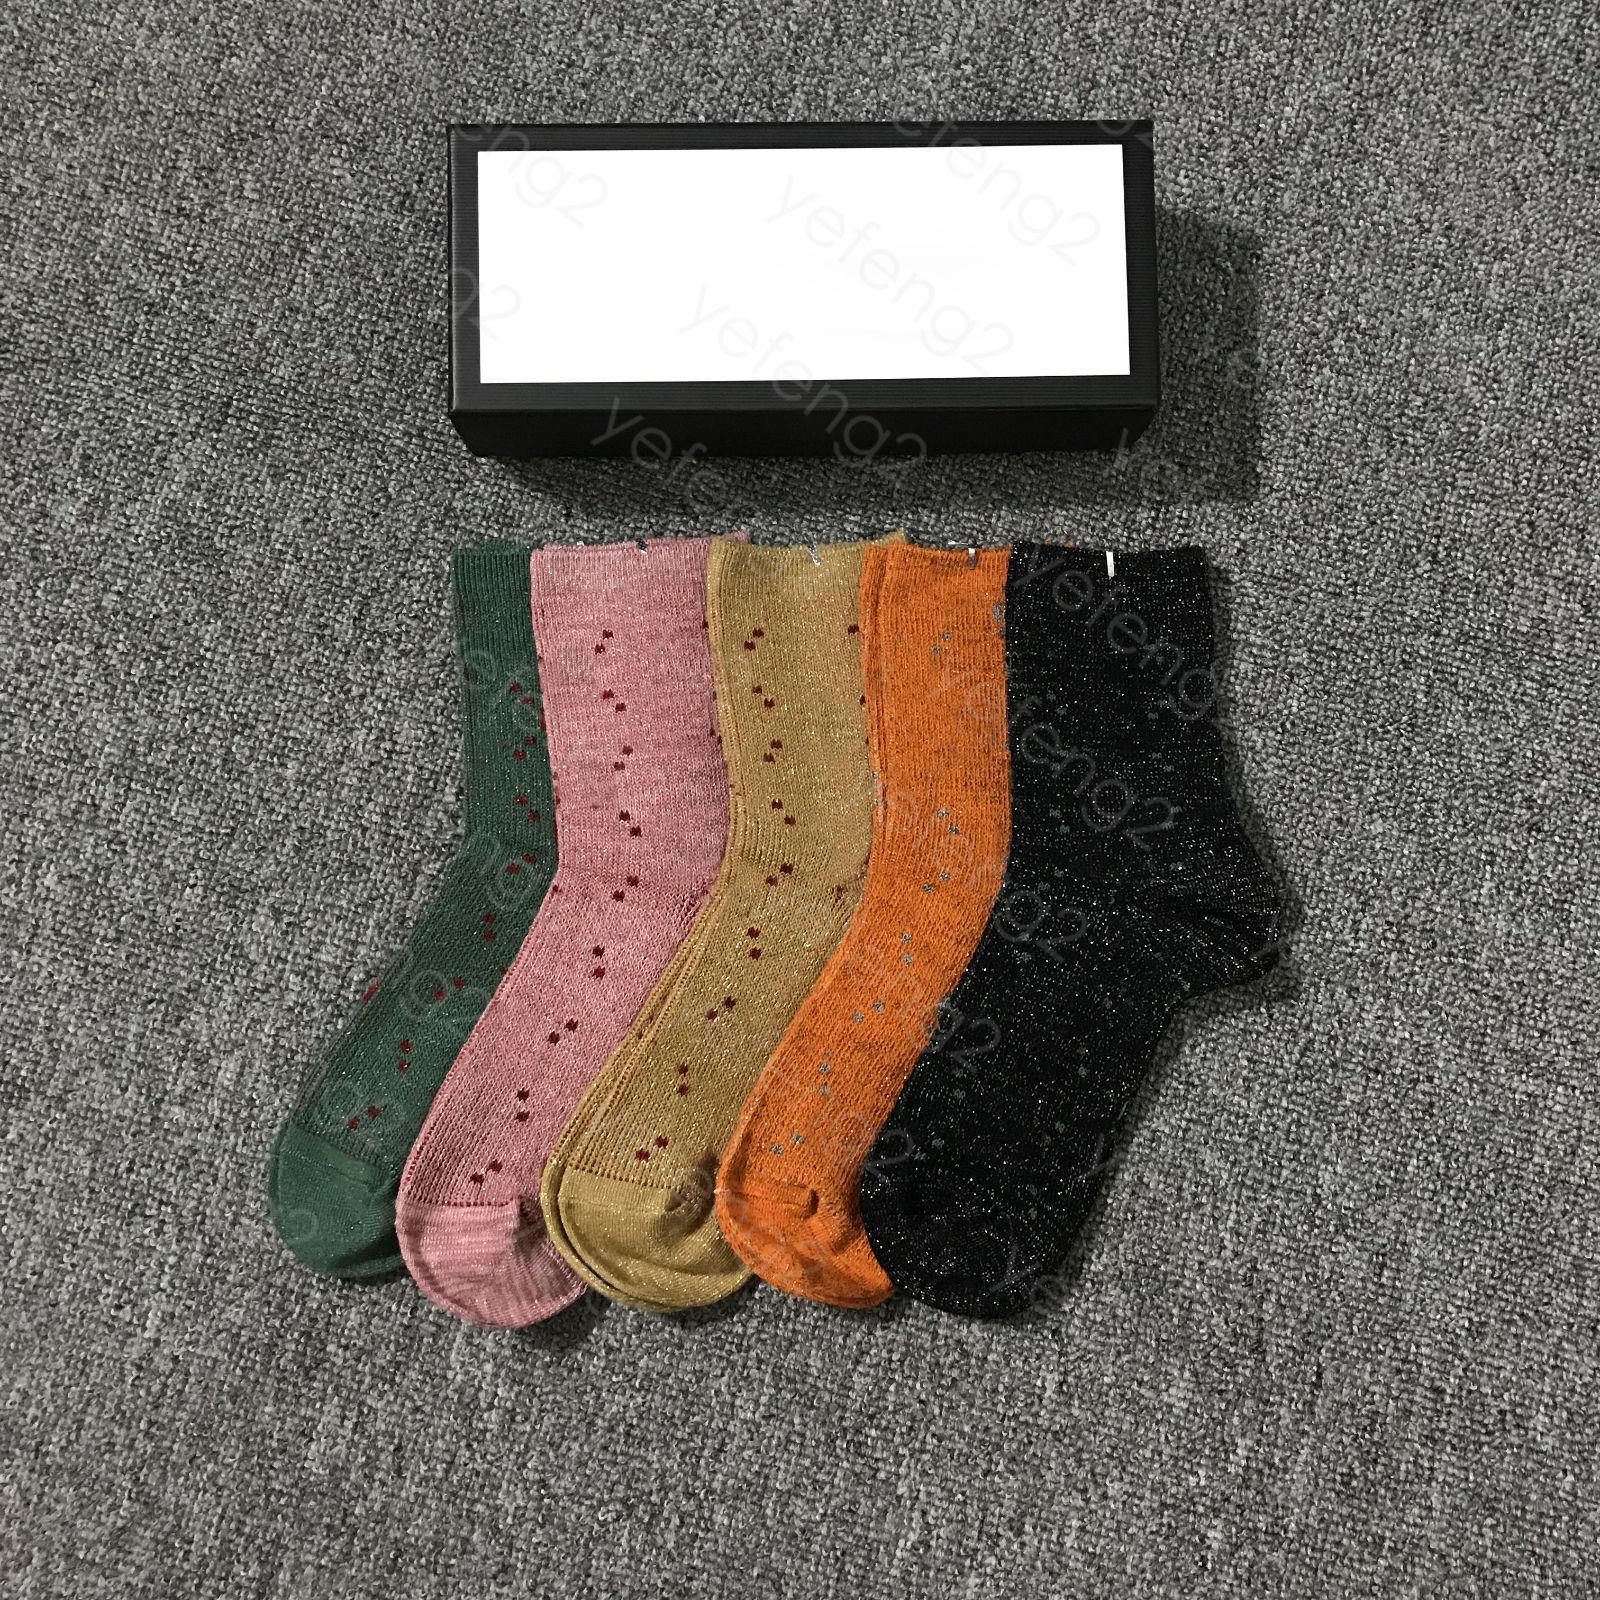 Chaussettes Femmes Classic Italie Fashion Public Port Lettre Imprimé Moyenne Chaussette Coton avec boîte Five Couche Couleur de Redom